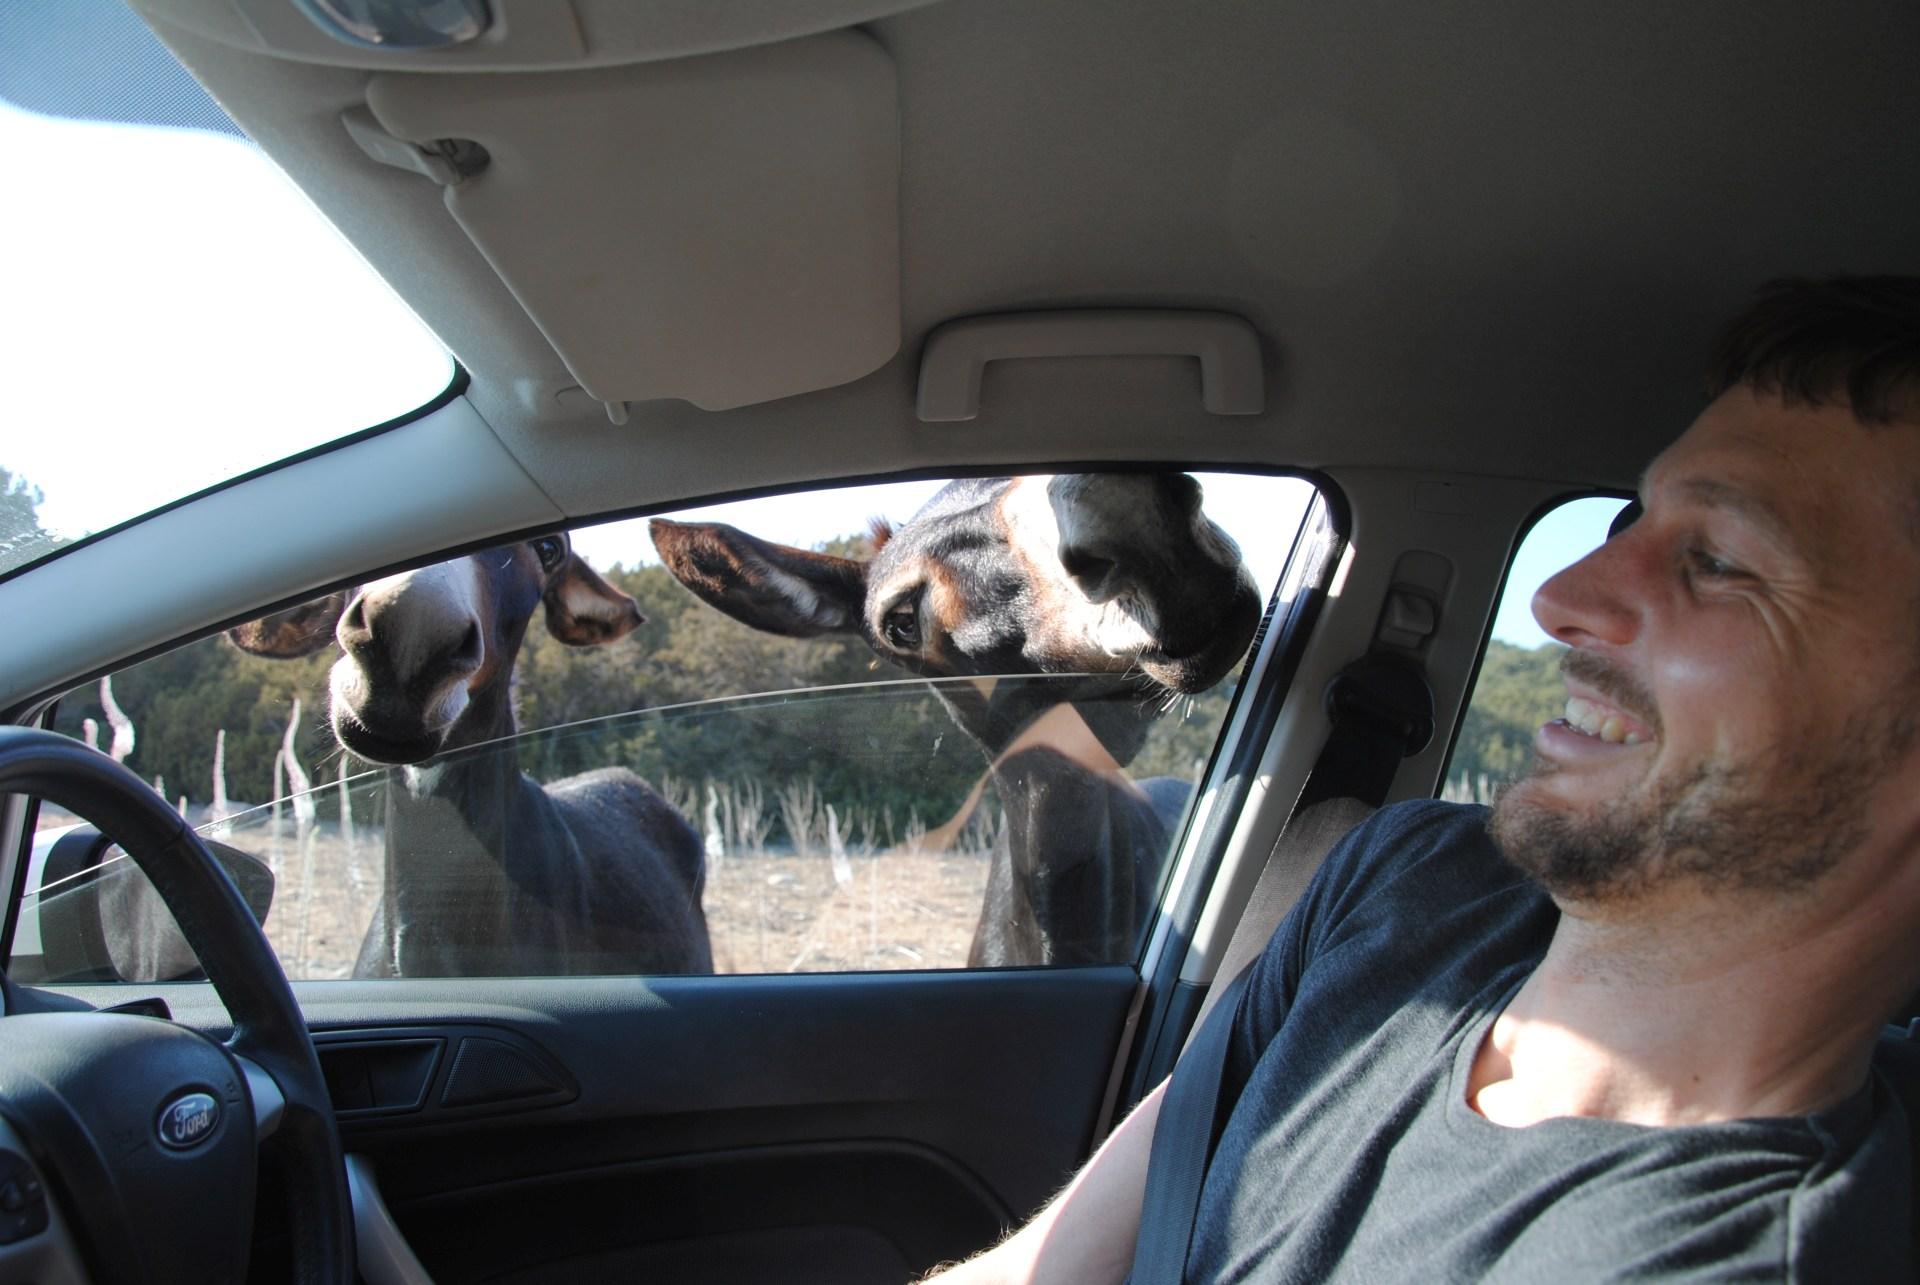 Ein Esel streckt seinen Kopf durch ein Autofenster